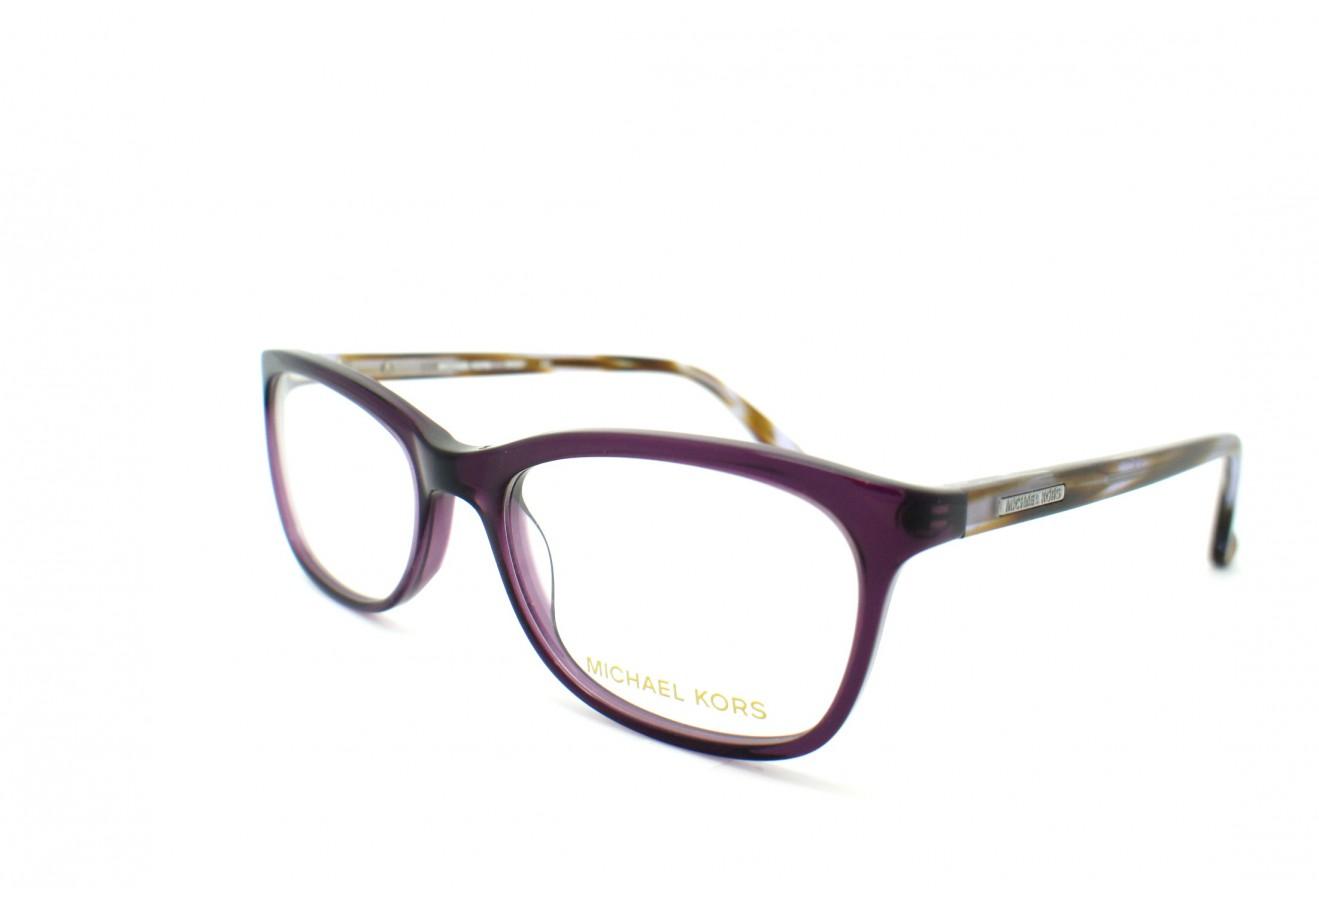 lunettes de vue michael kors mk 865 509 50 16. Black Bedroom Furniture Sets. Home Design Ideas